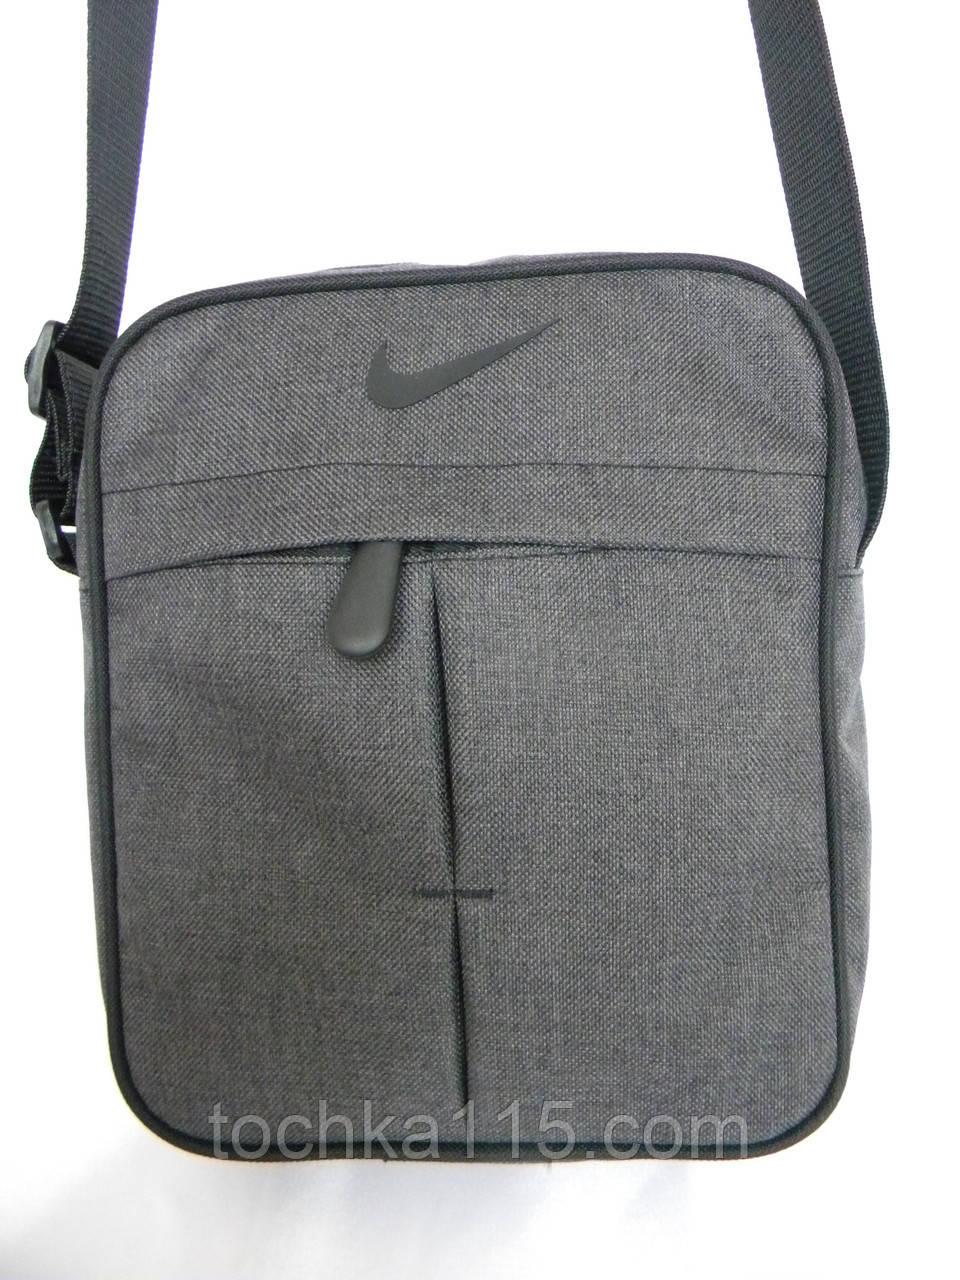 ac56ea253 Прочная сумка через плече Nike, сумка на плече найк, сумка найк мужская  реплика -